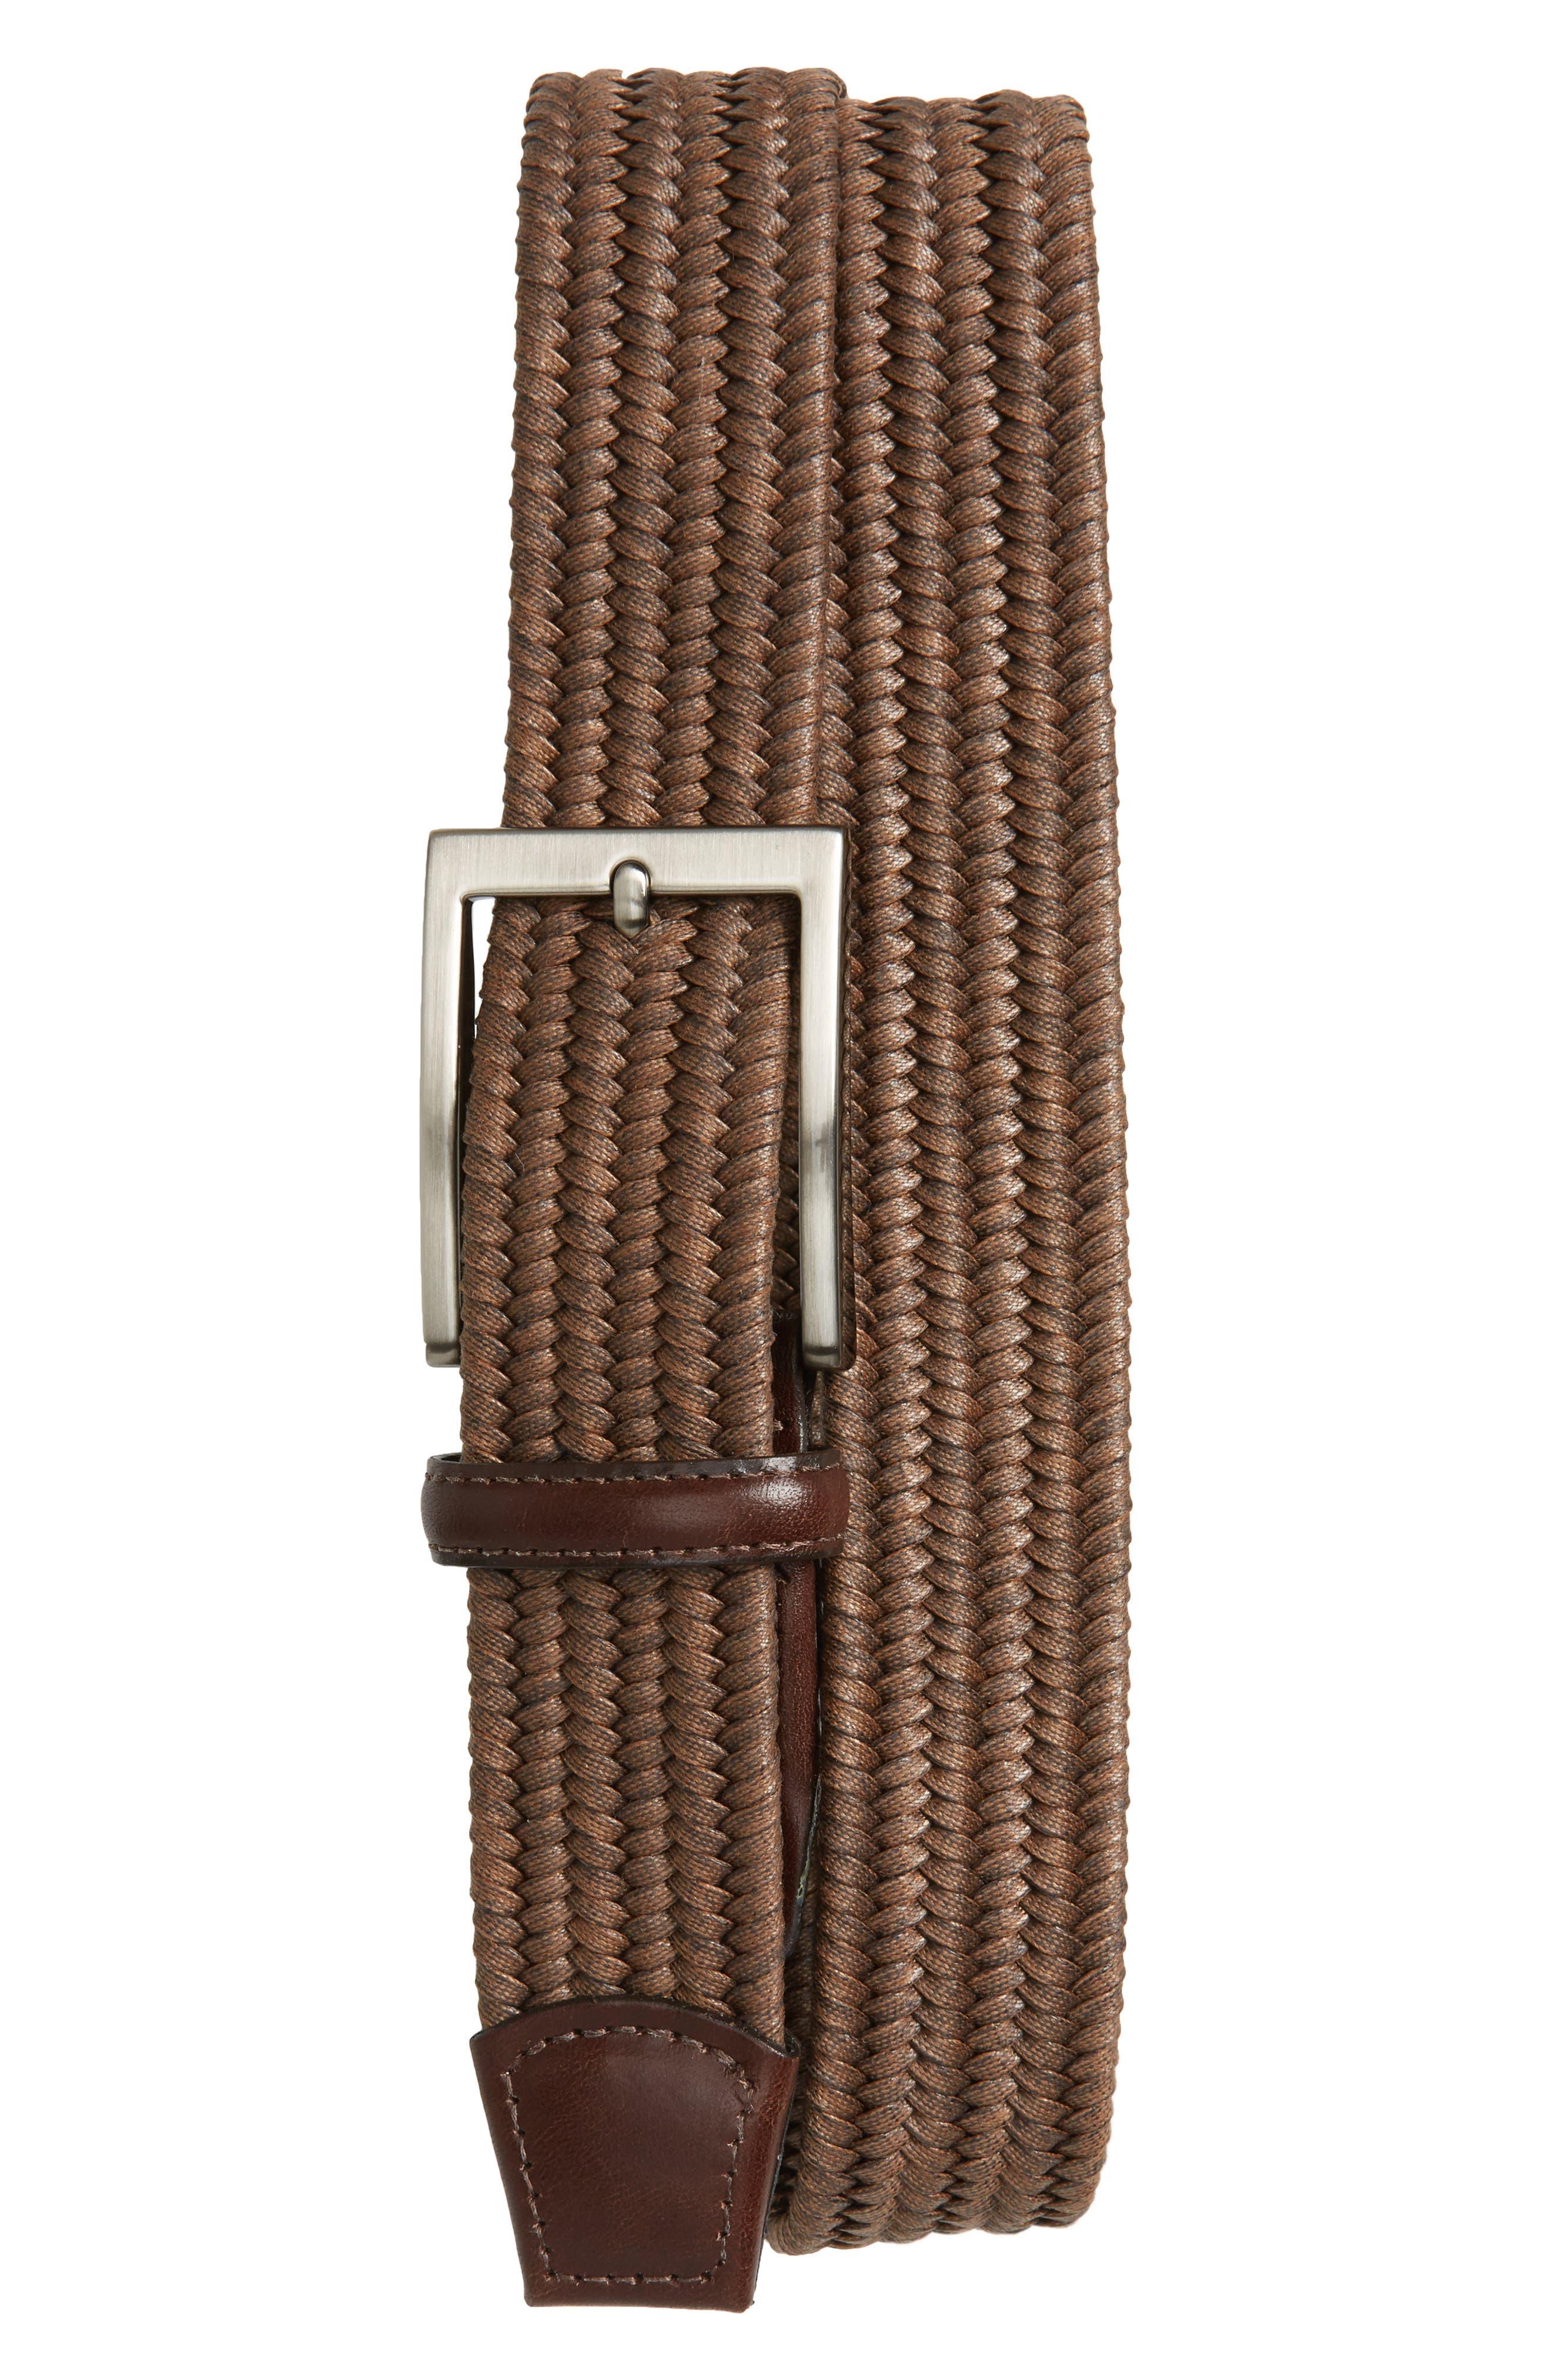 Torino Belts Braided Cotton Belt, Cognac